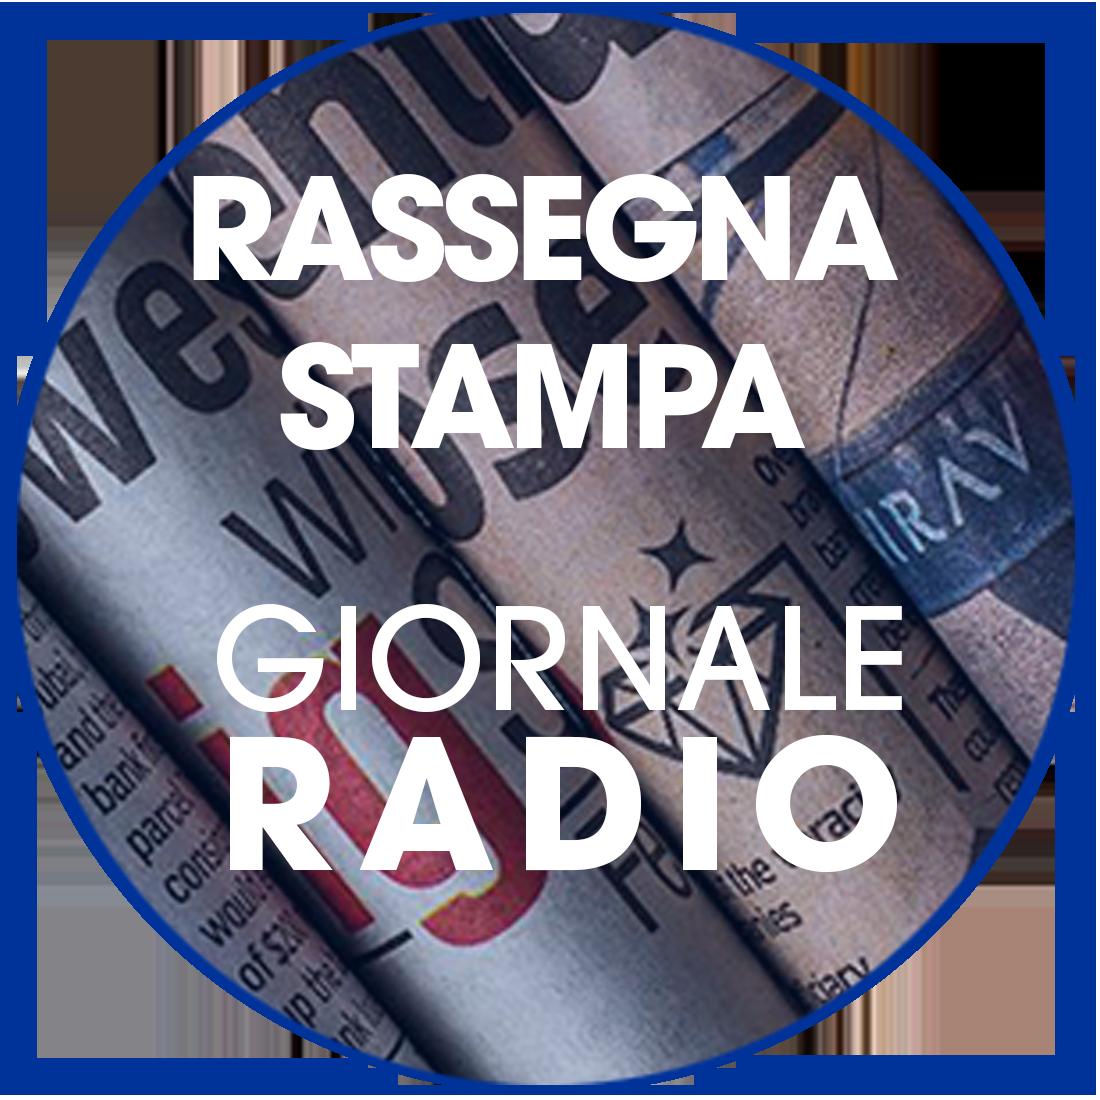 Giornale Radio Rassegna Stampa FM World - Radio 4.0. Con la moltiplicazione dell'offerta si acuisce il problema della denominazione delle emittenti. E gli editori riflettono sulla regola del omen nomen